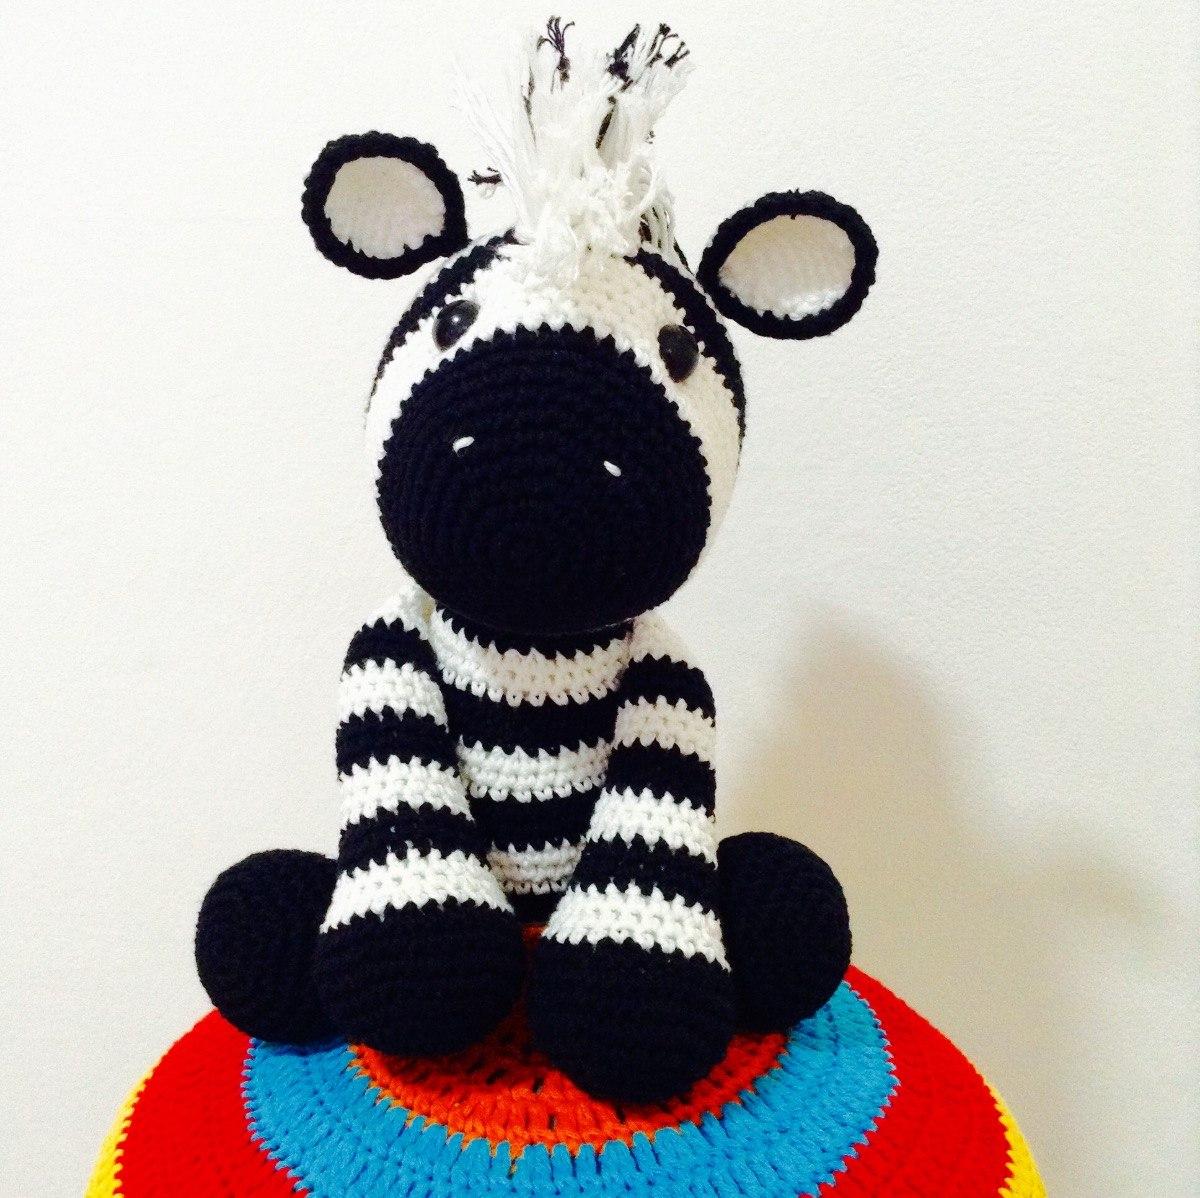 Cebra Amigurumi Tejida A Crochet - $ 550,00 en Mercado Libre